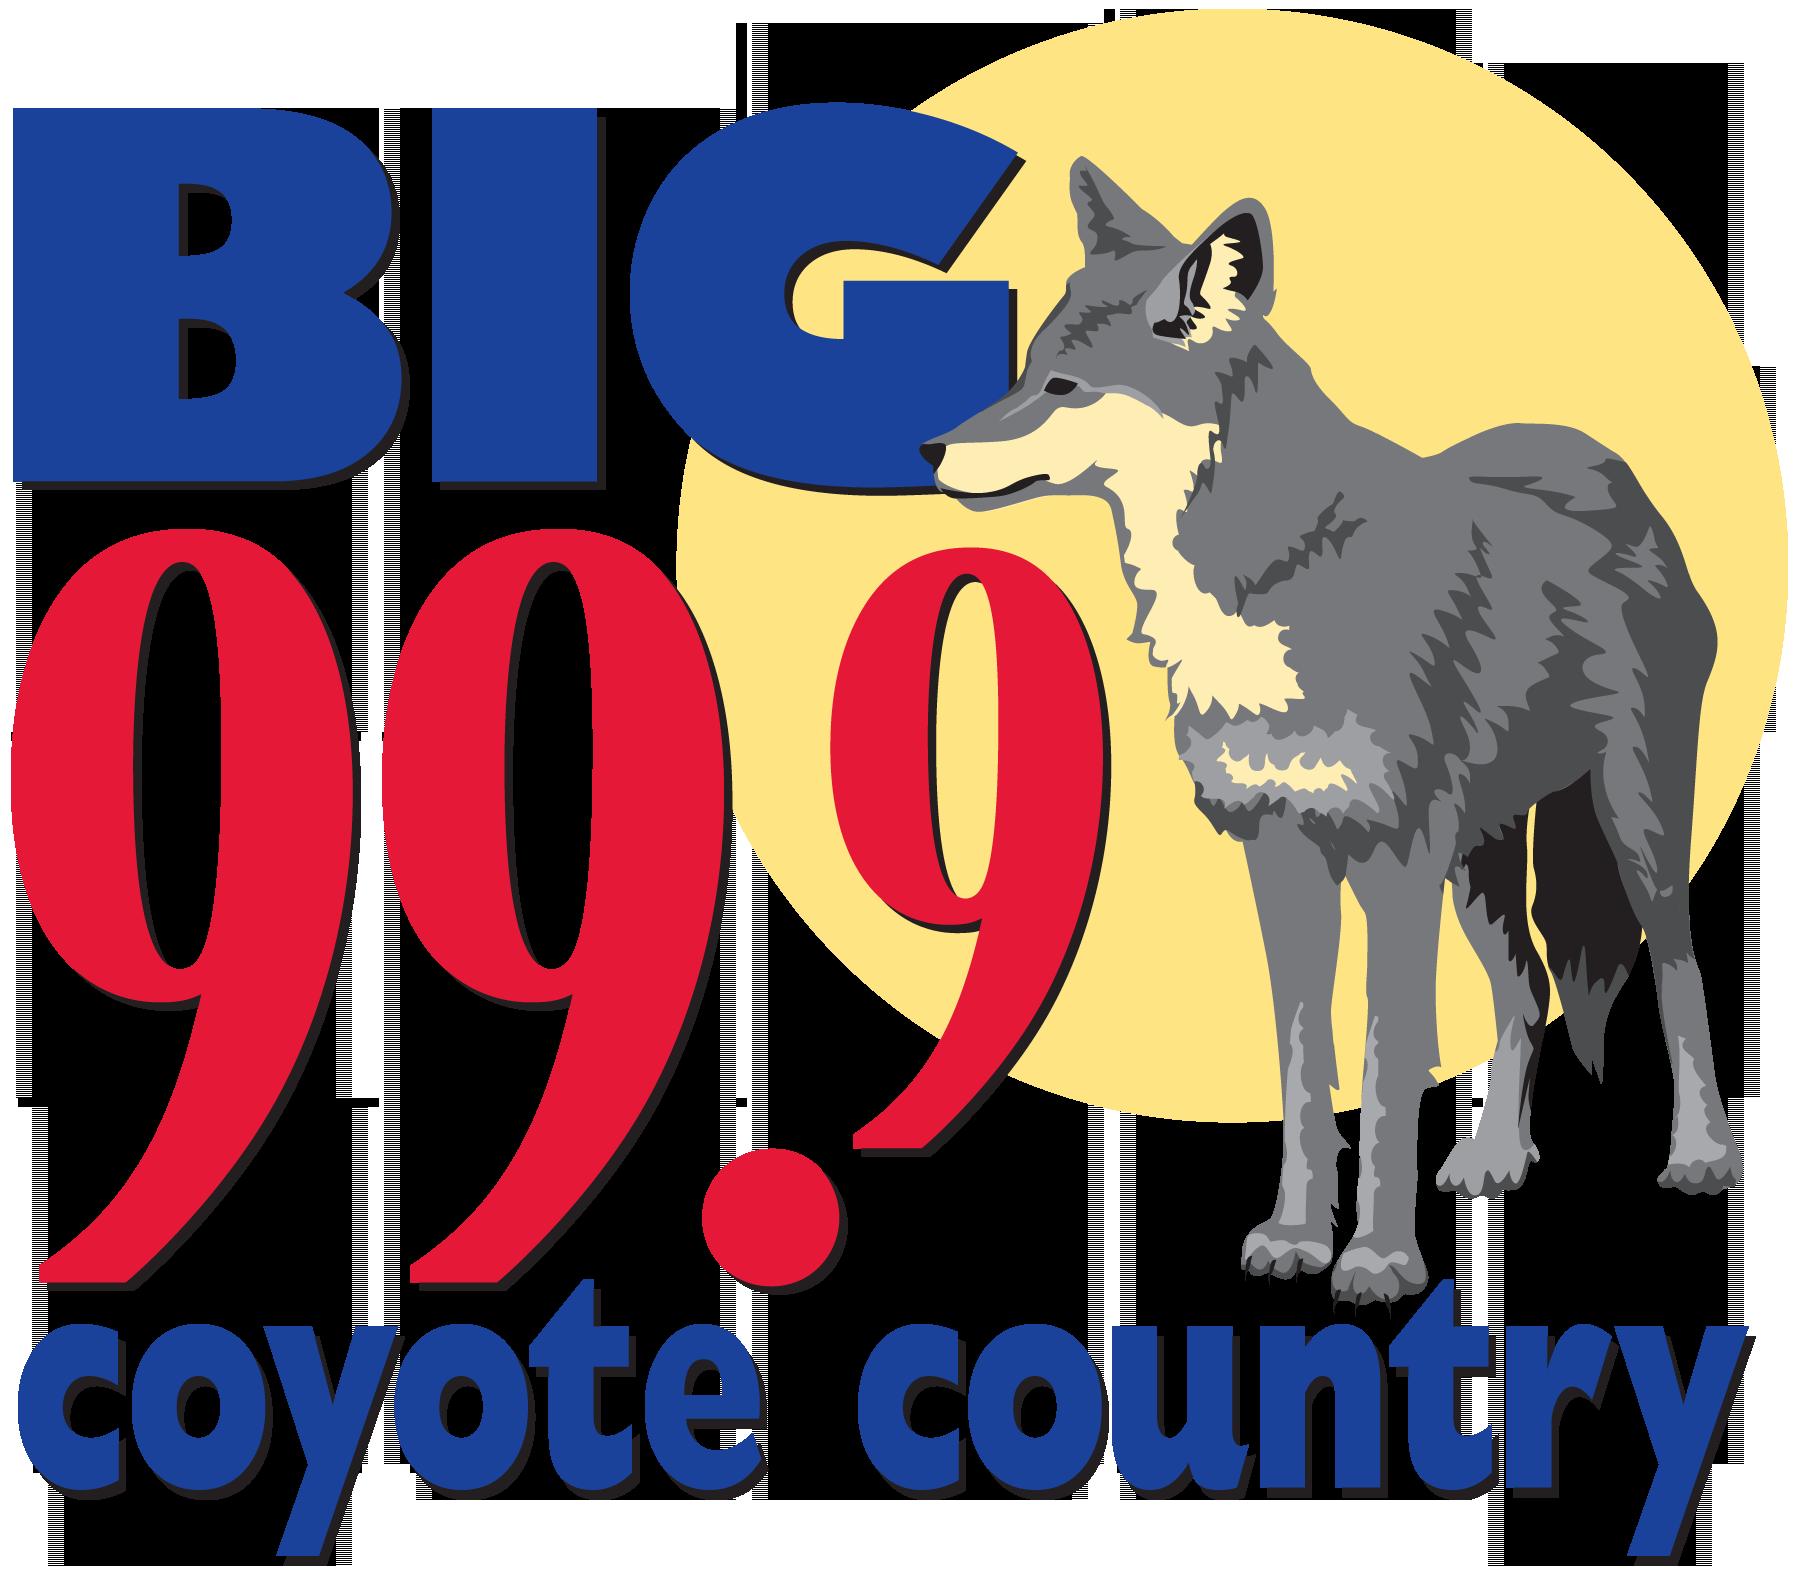 999-coyote